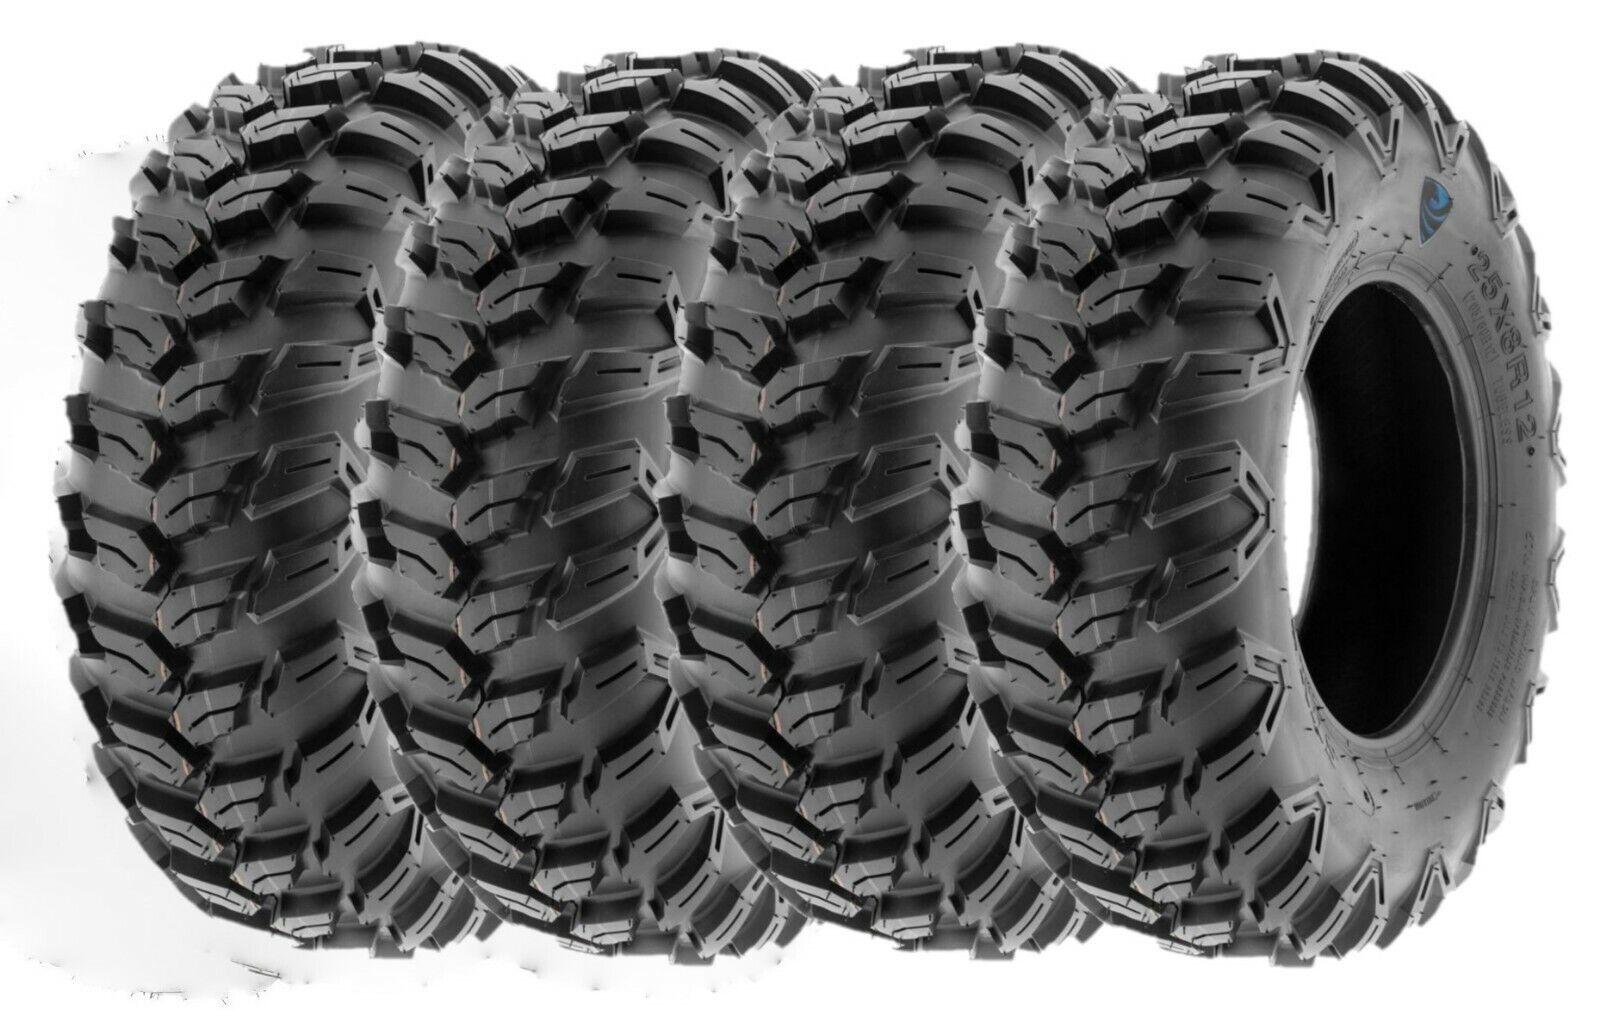 New - Set of Four (4) RP Talon 25x8x12 Run Flat 12-Ply ATV/UTV Tires - 25x8-12